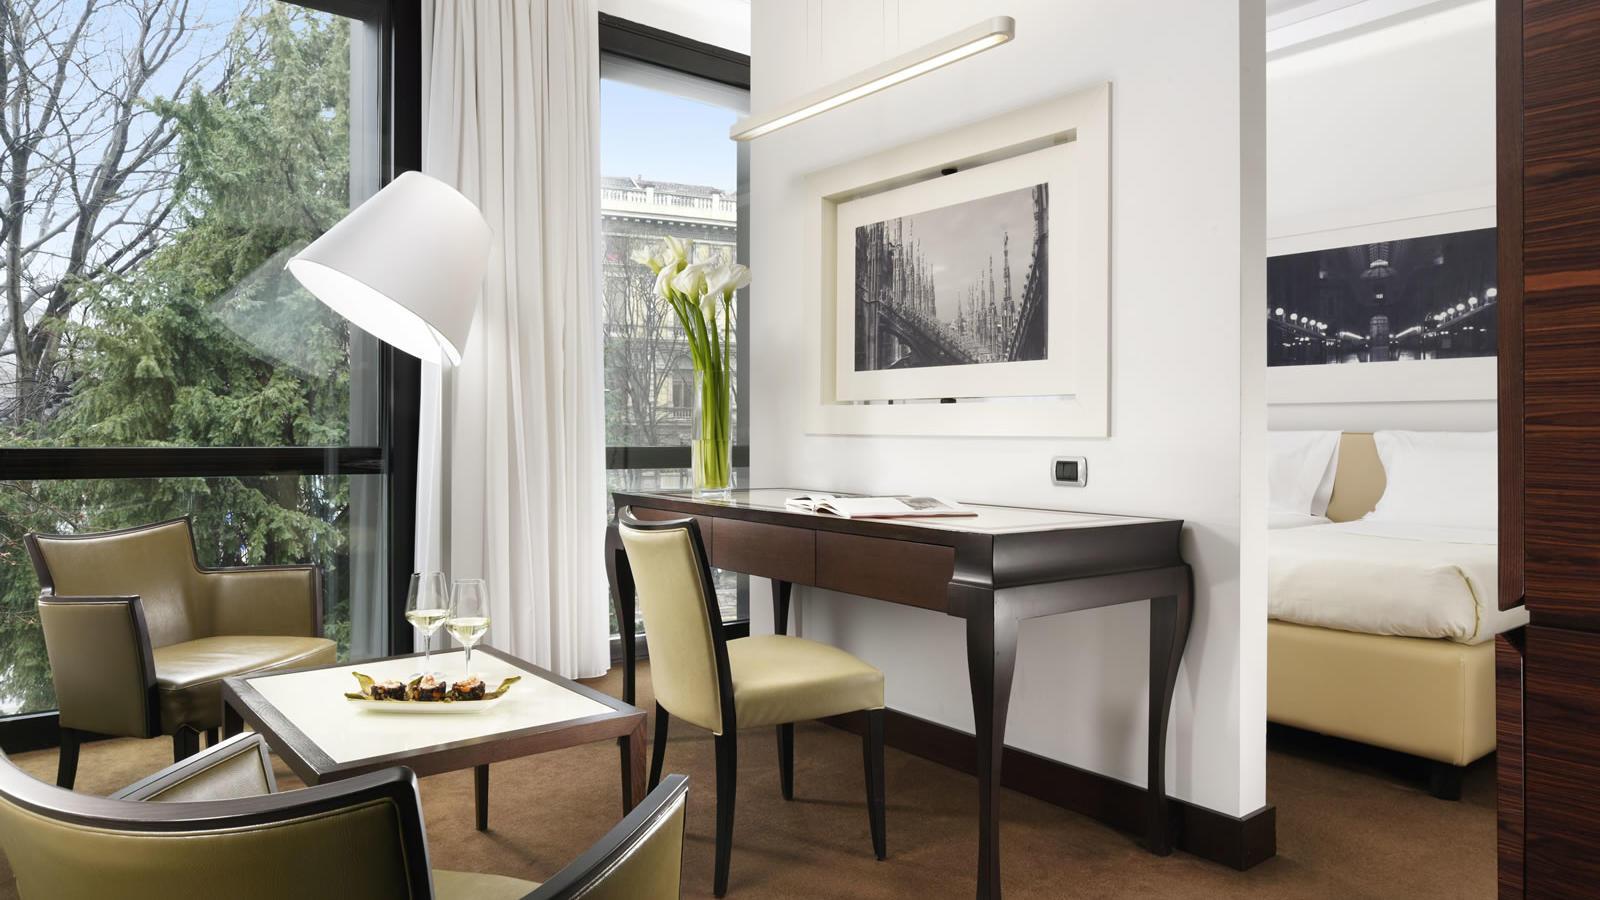 Tutto Luce Torino To unahotels cusani milano | elegante hotel in zona centro e duomo